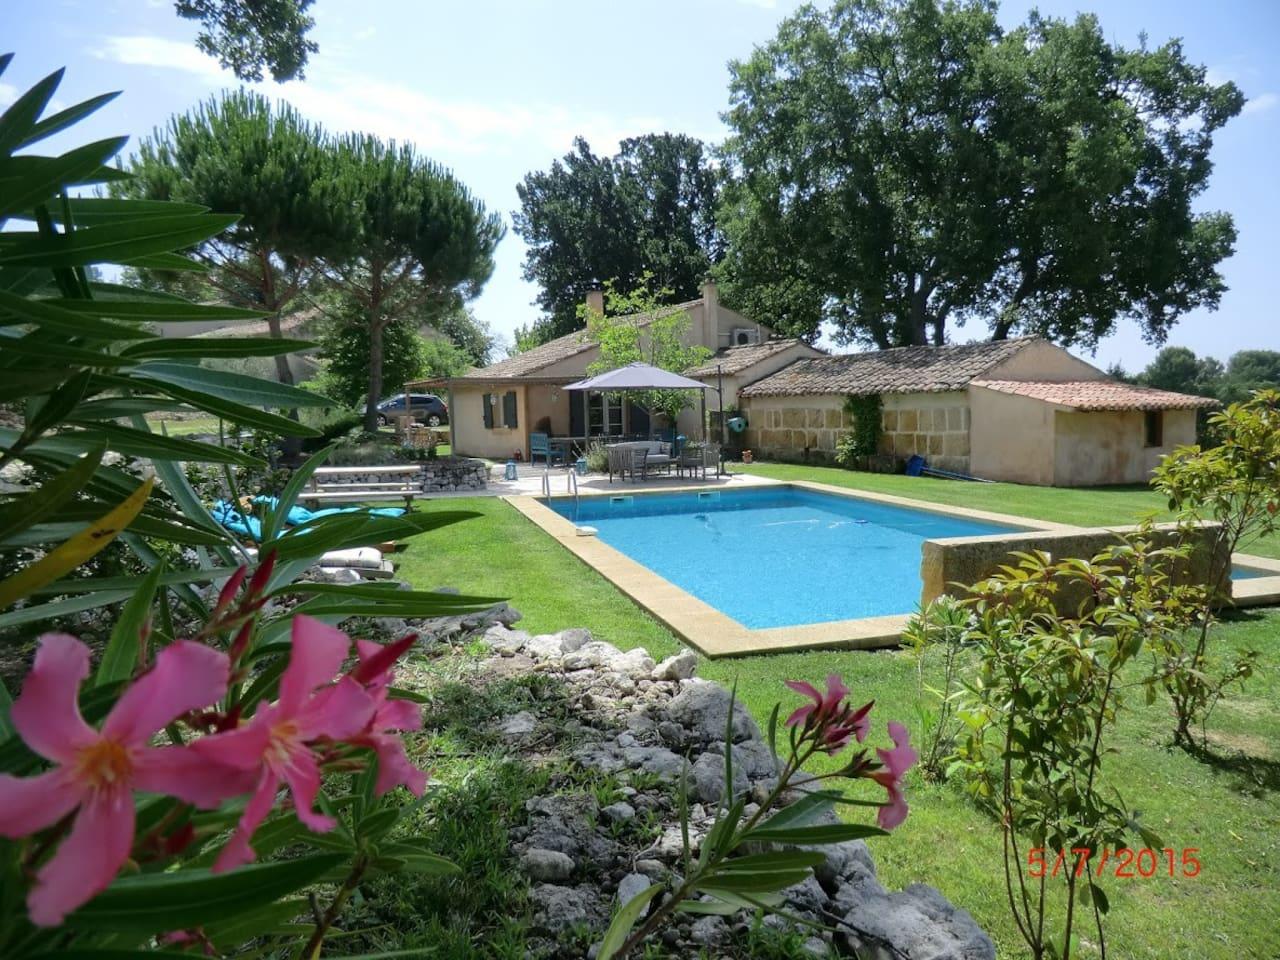 Maison nichée au cœur d'un paysage provençal avec sa grande piscine pour profiter des belles journées du sud de la France.